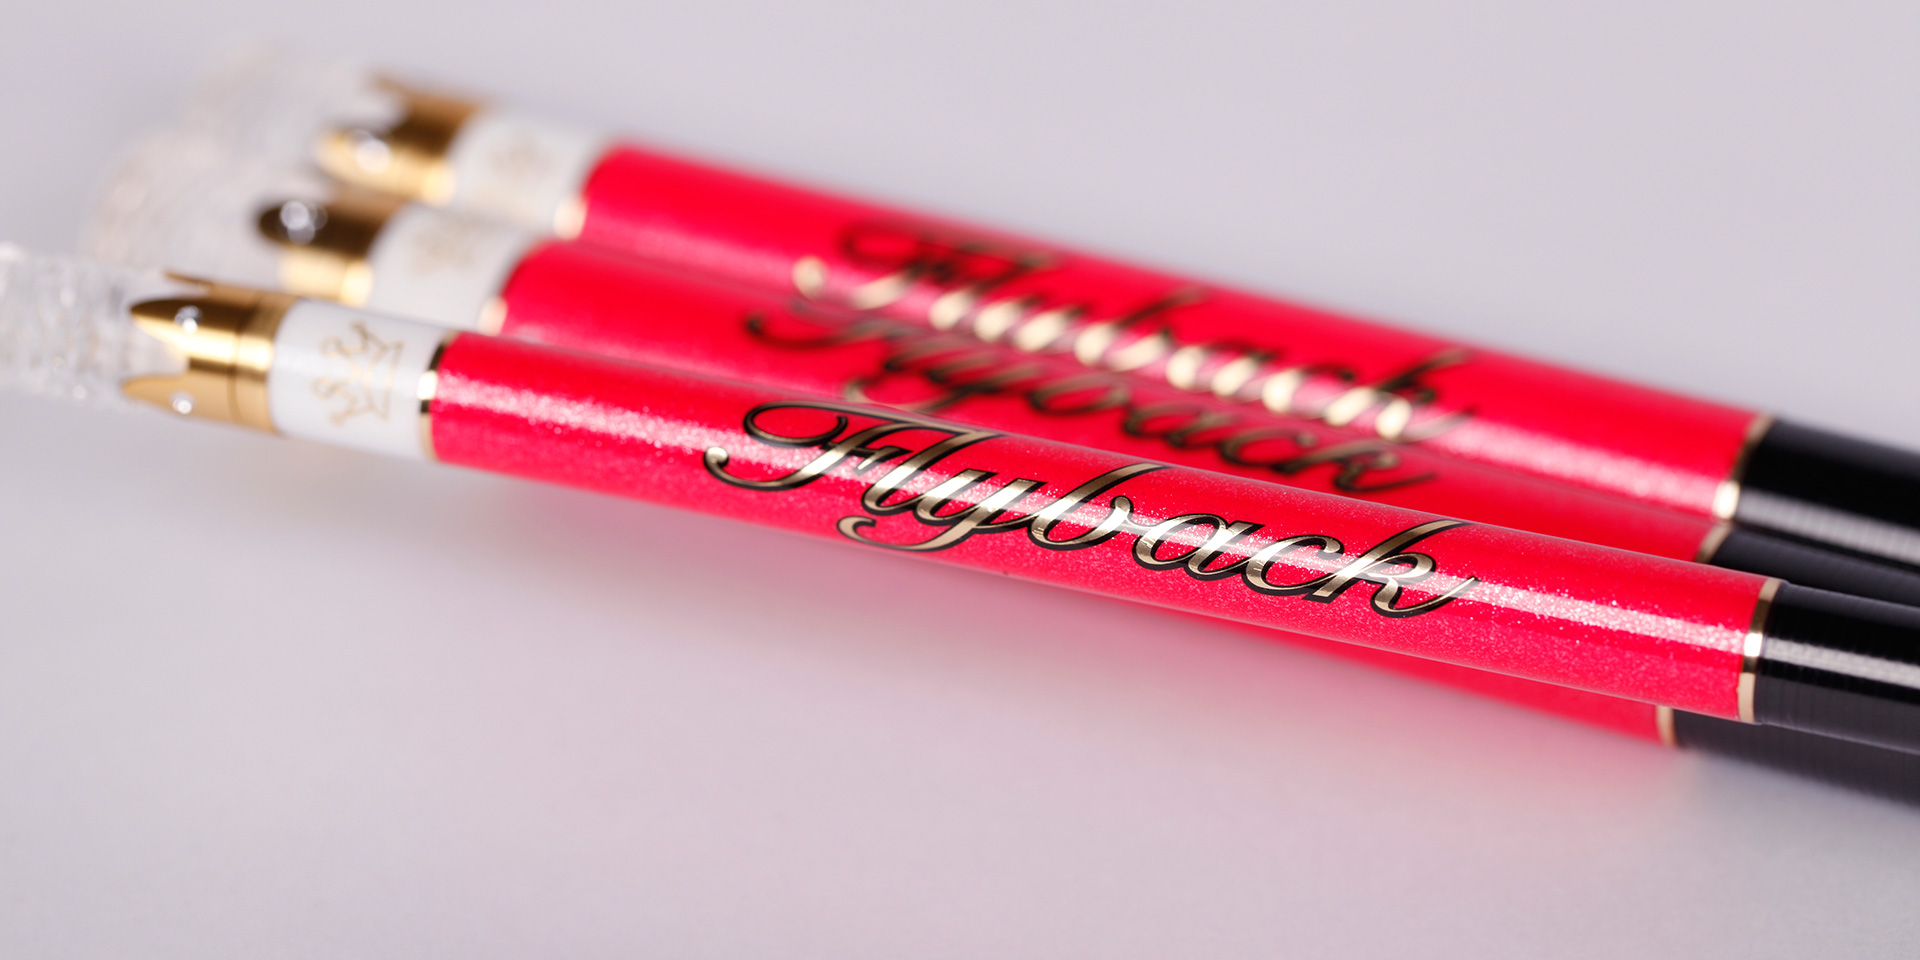 涂装主调为玫赤色彩粉闪金设计,绚丽耀眼